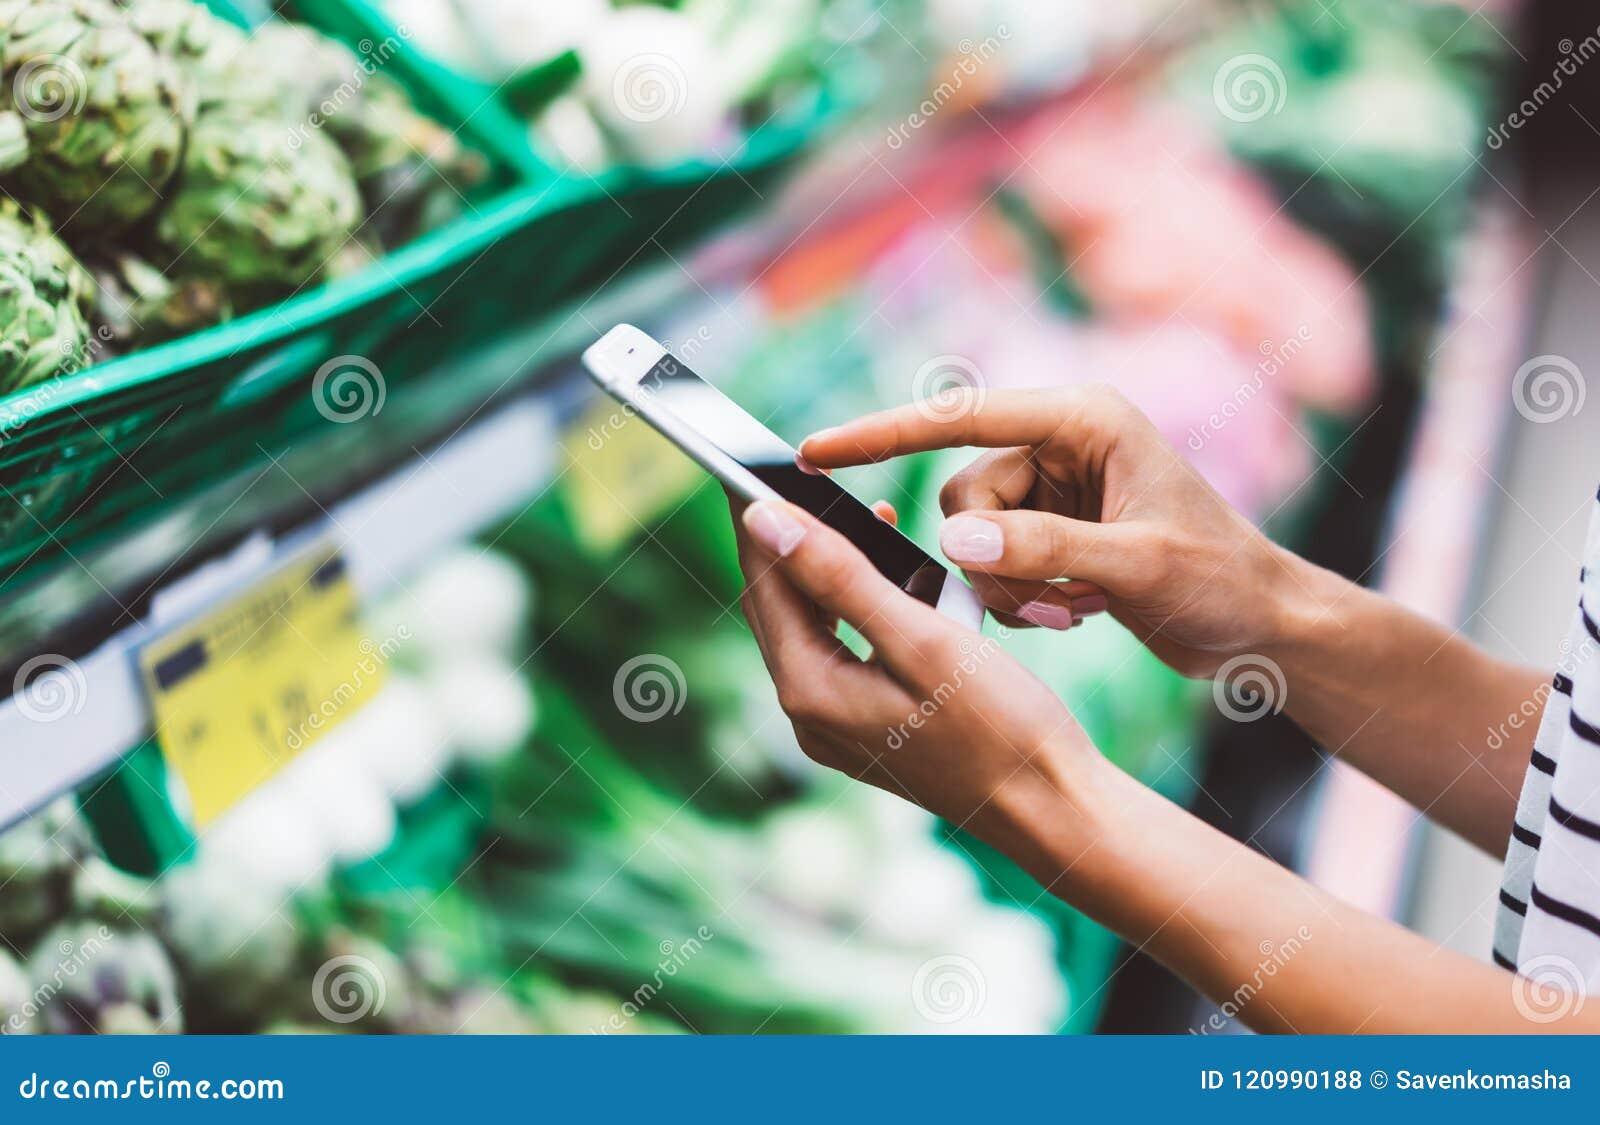 Νέα υγιή τρόφιμα αγορών αγορών γυναικών στο υπόβαθρο θαμπάδων υπεραγορών Κλείστε επάνω το κορίτσι άποψης αγοράζει τα προϊόντα χρη